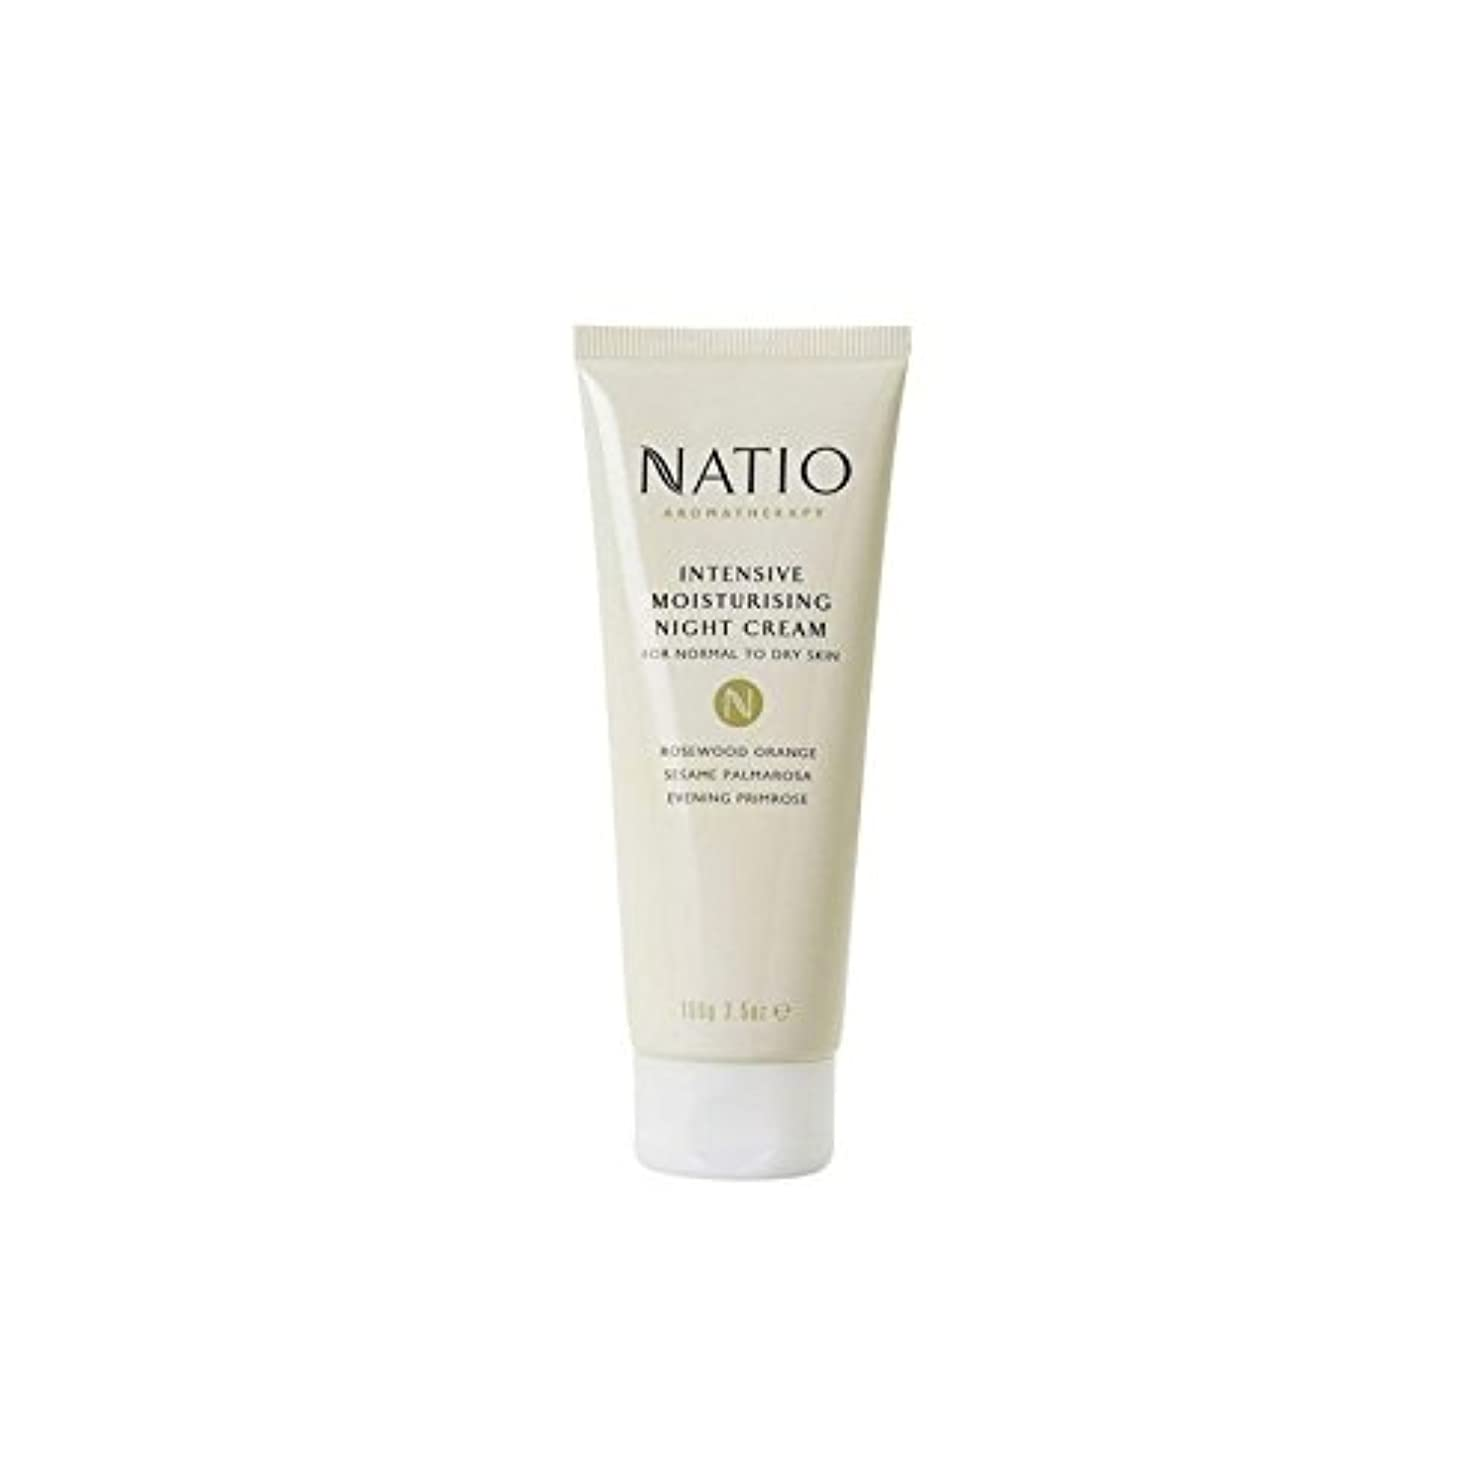 サイドボードケニアくすぐったいNatio Intensive Moisturising Night Cream (100G) - 集中的な保湿ナイトクリーム(100グラム) [並行輸入品]